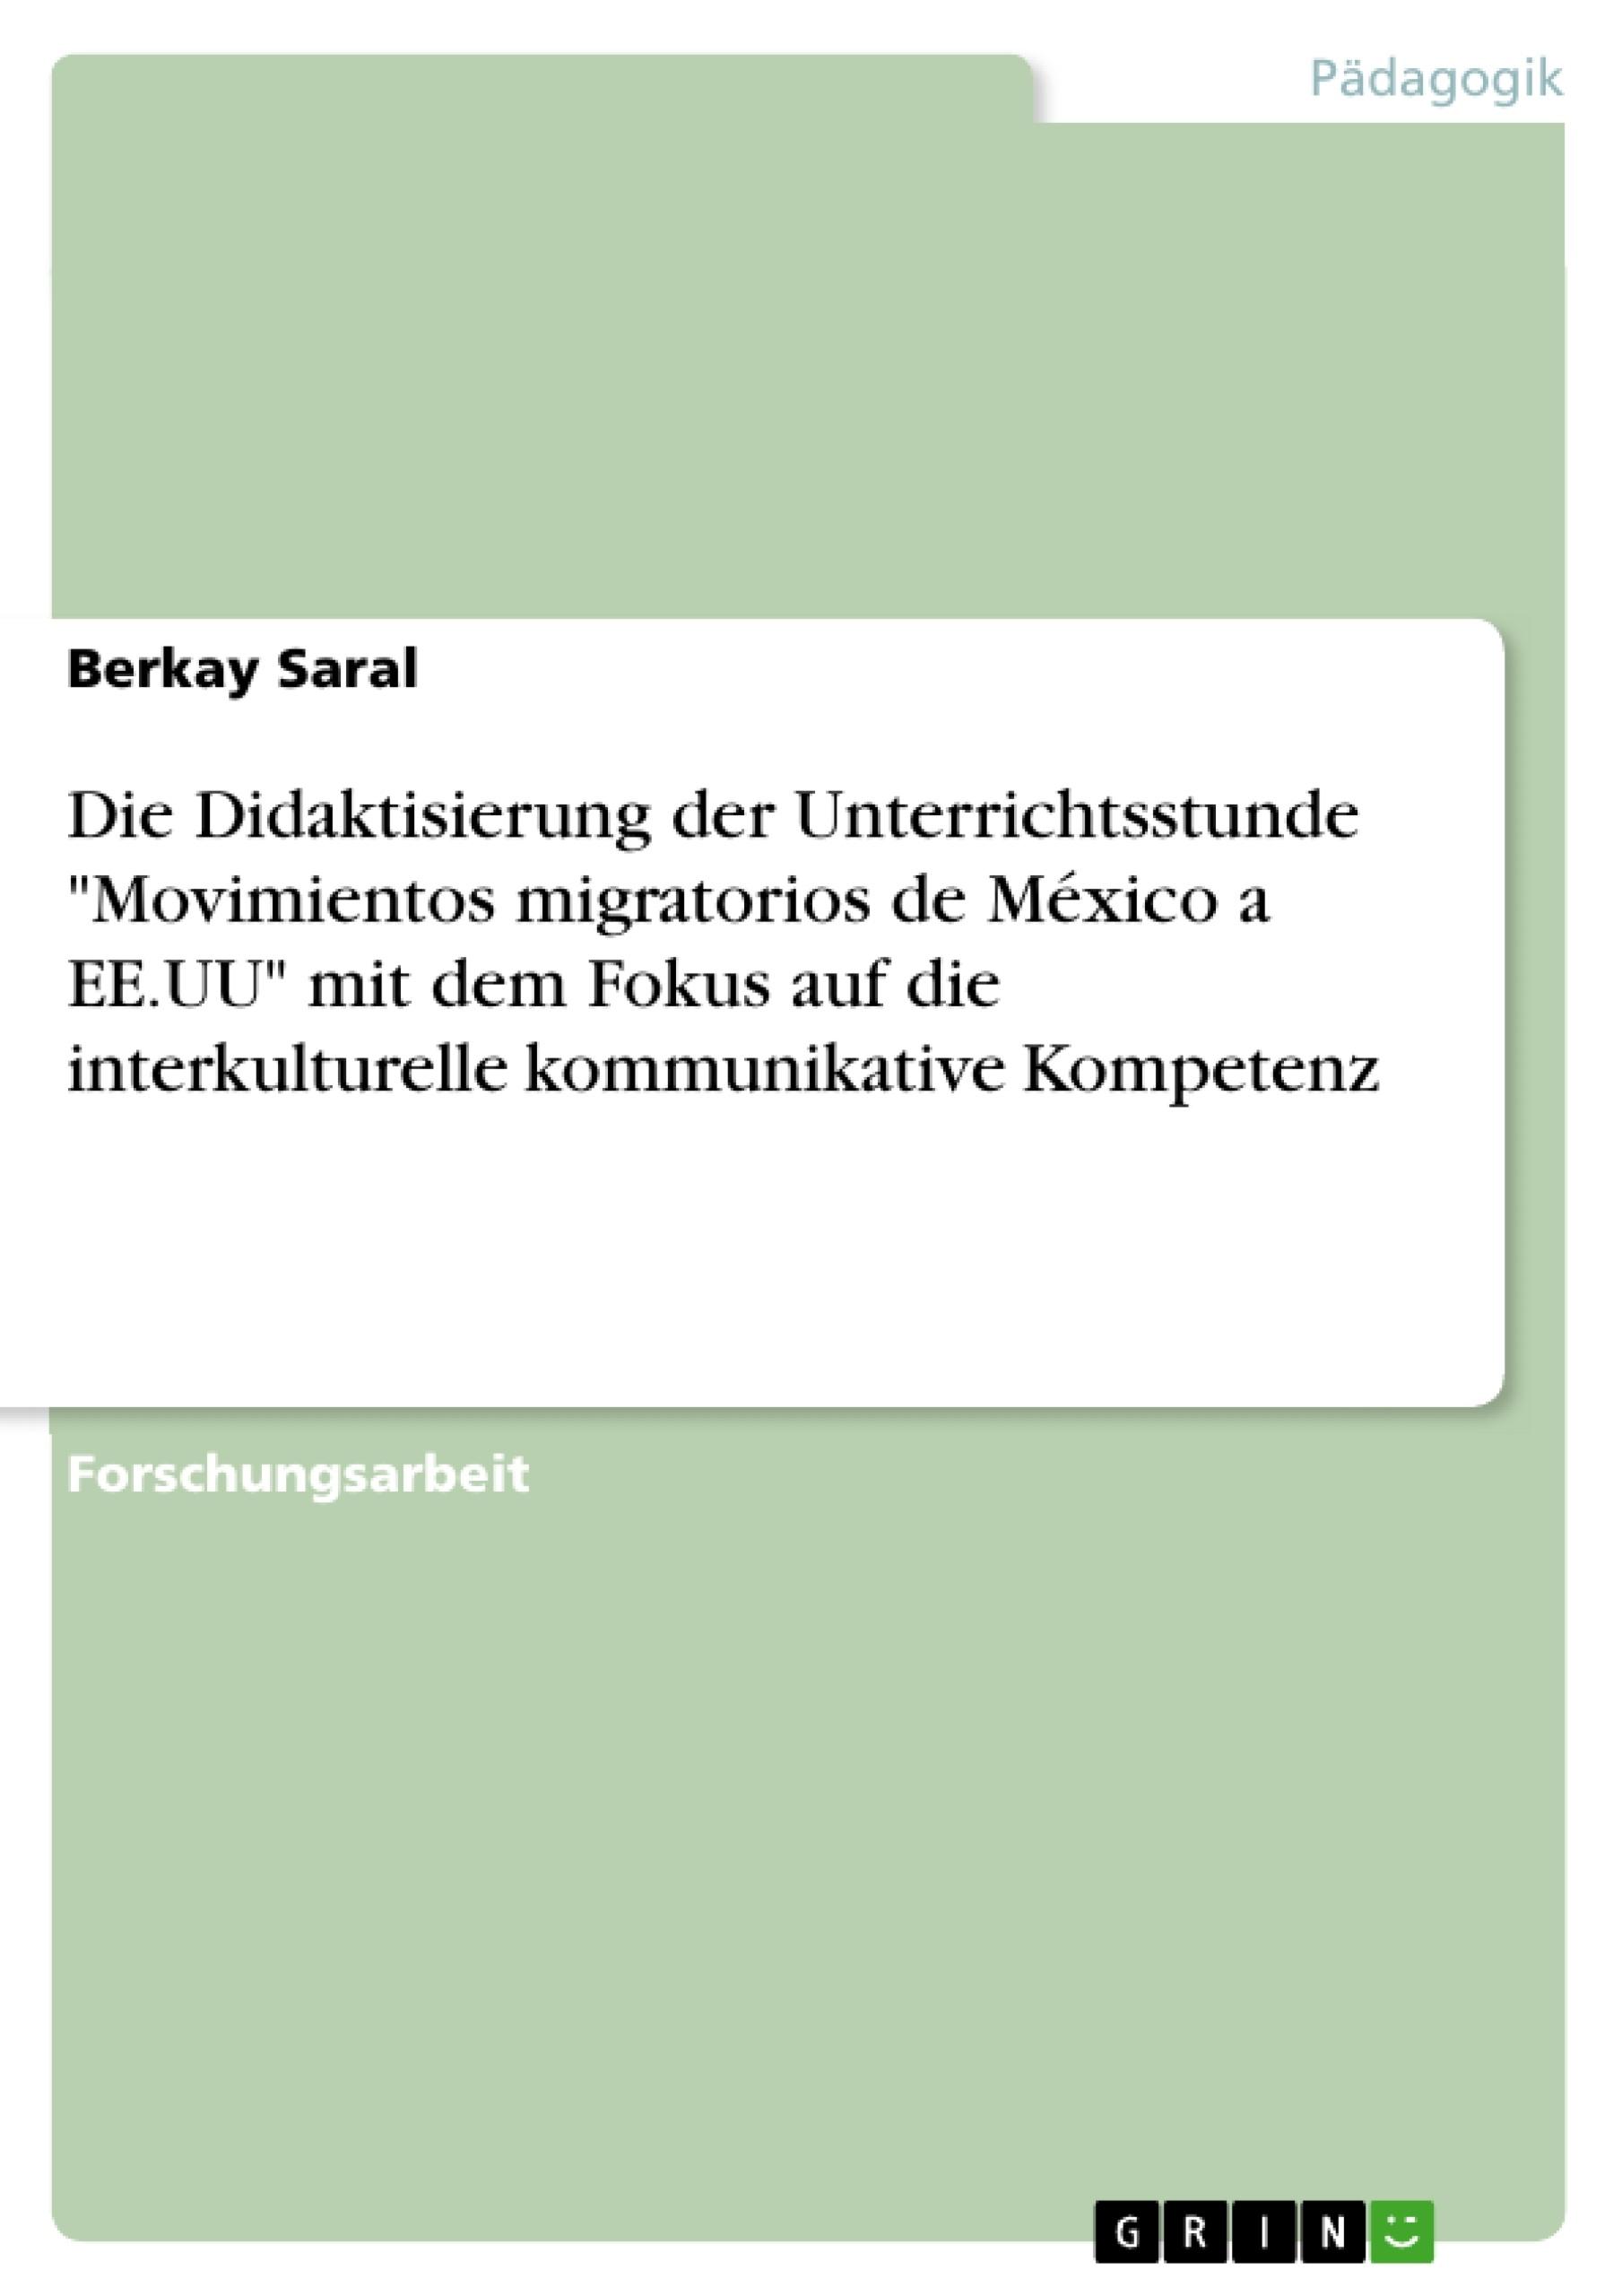 """Titel: Die Didaktisierung der Unterrichtsstunde """"Movimientos migratorios de México a EE.UU"""" mit dem Fokus auf die interkulturelle kommunikative Kompetenz"""